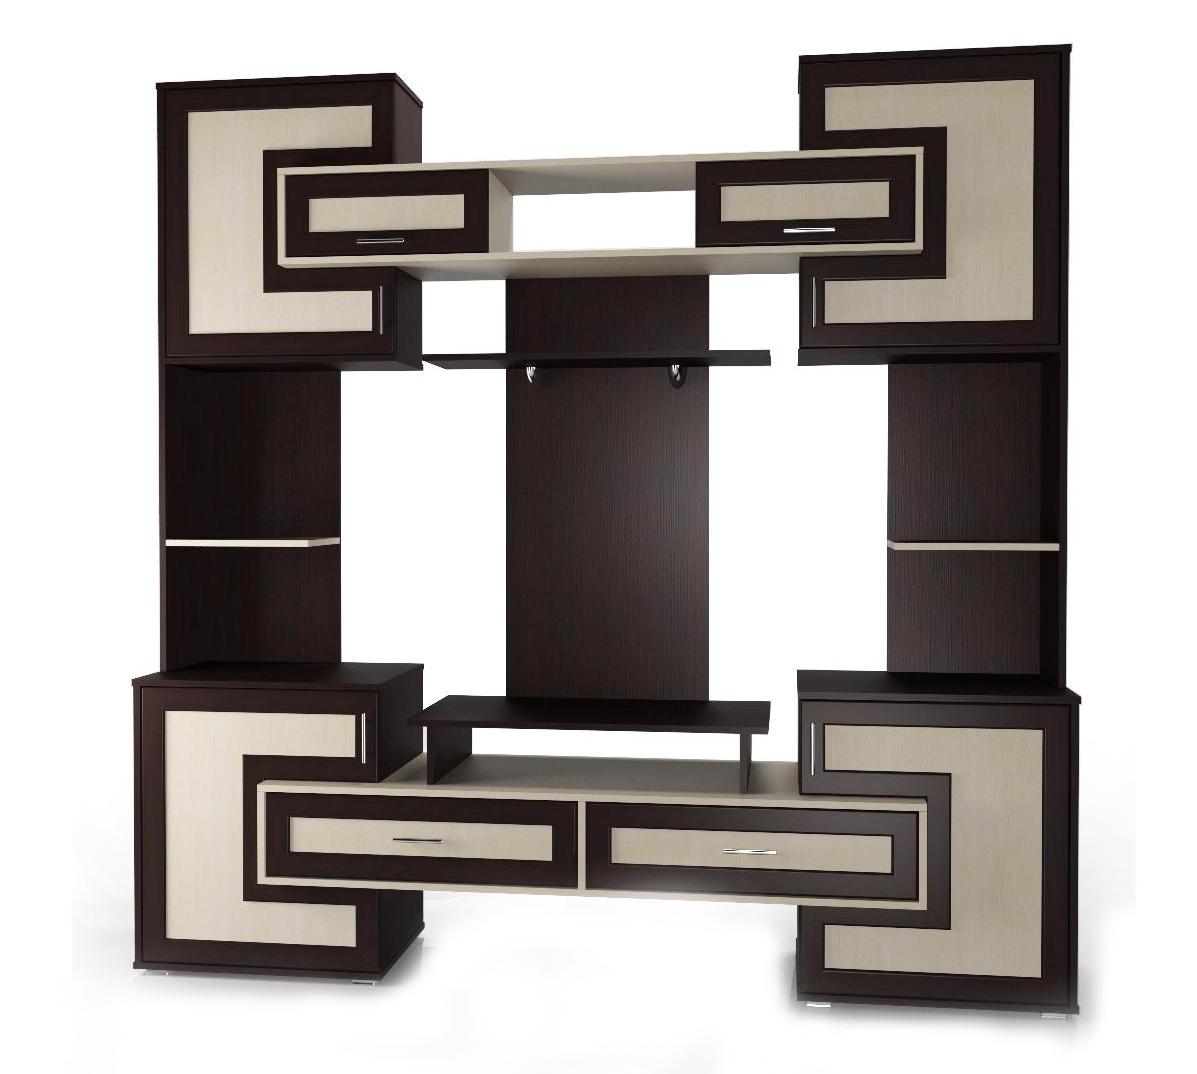 Стенка Мебелайн-10 стенка мебелайн 18